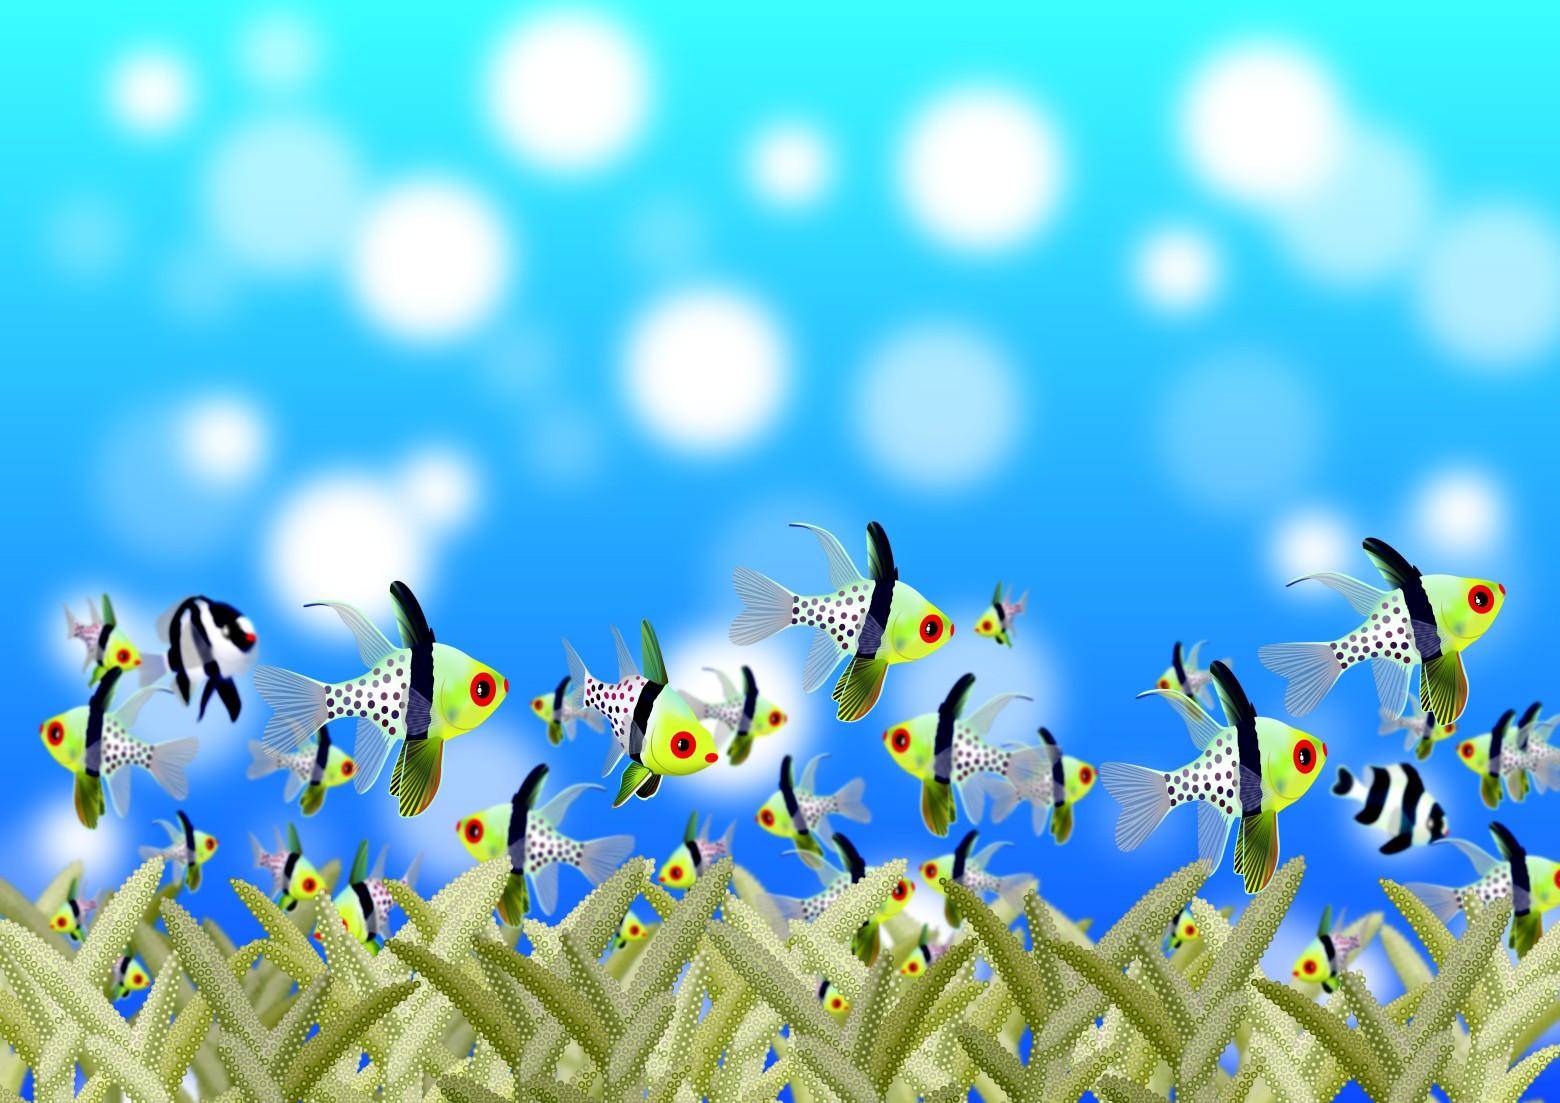 fond d 233 cran aquarium poissons exotiques images gratuites images gratuites et libres de droits